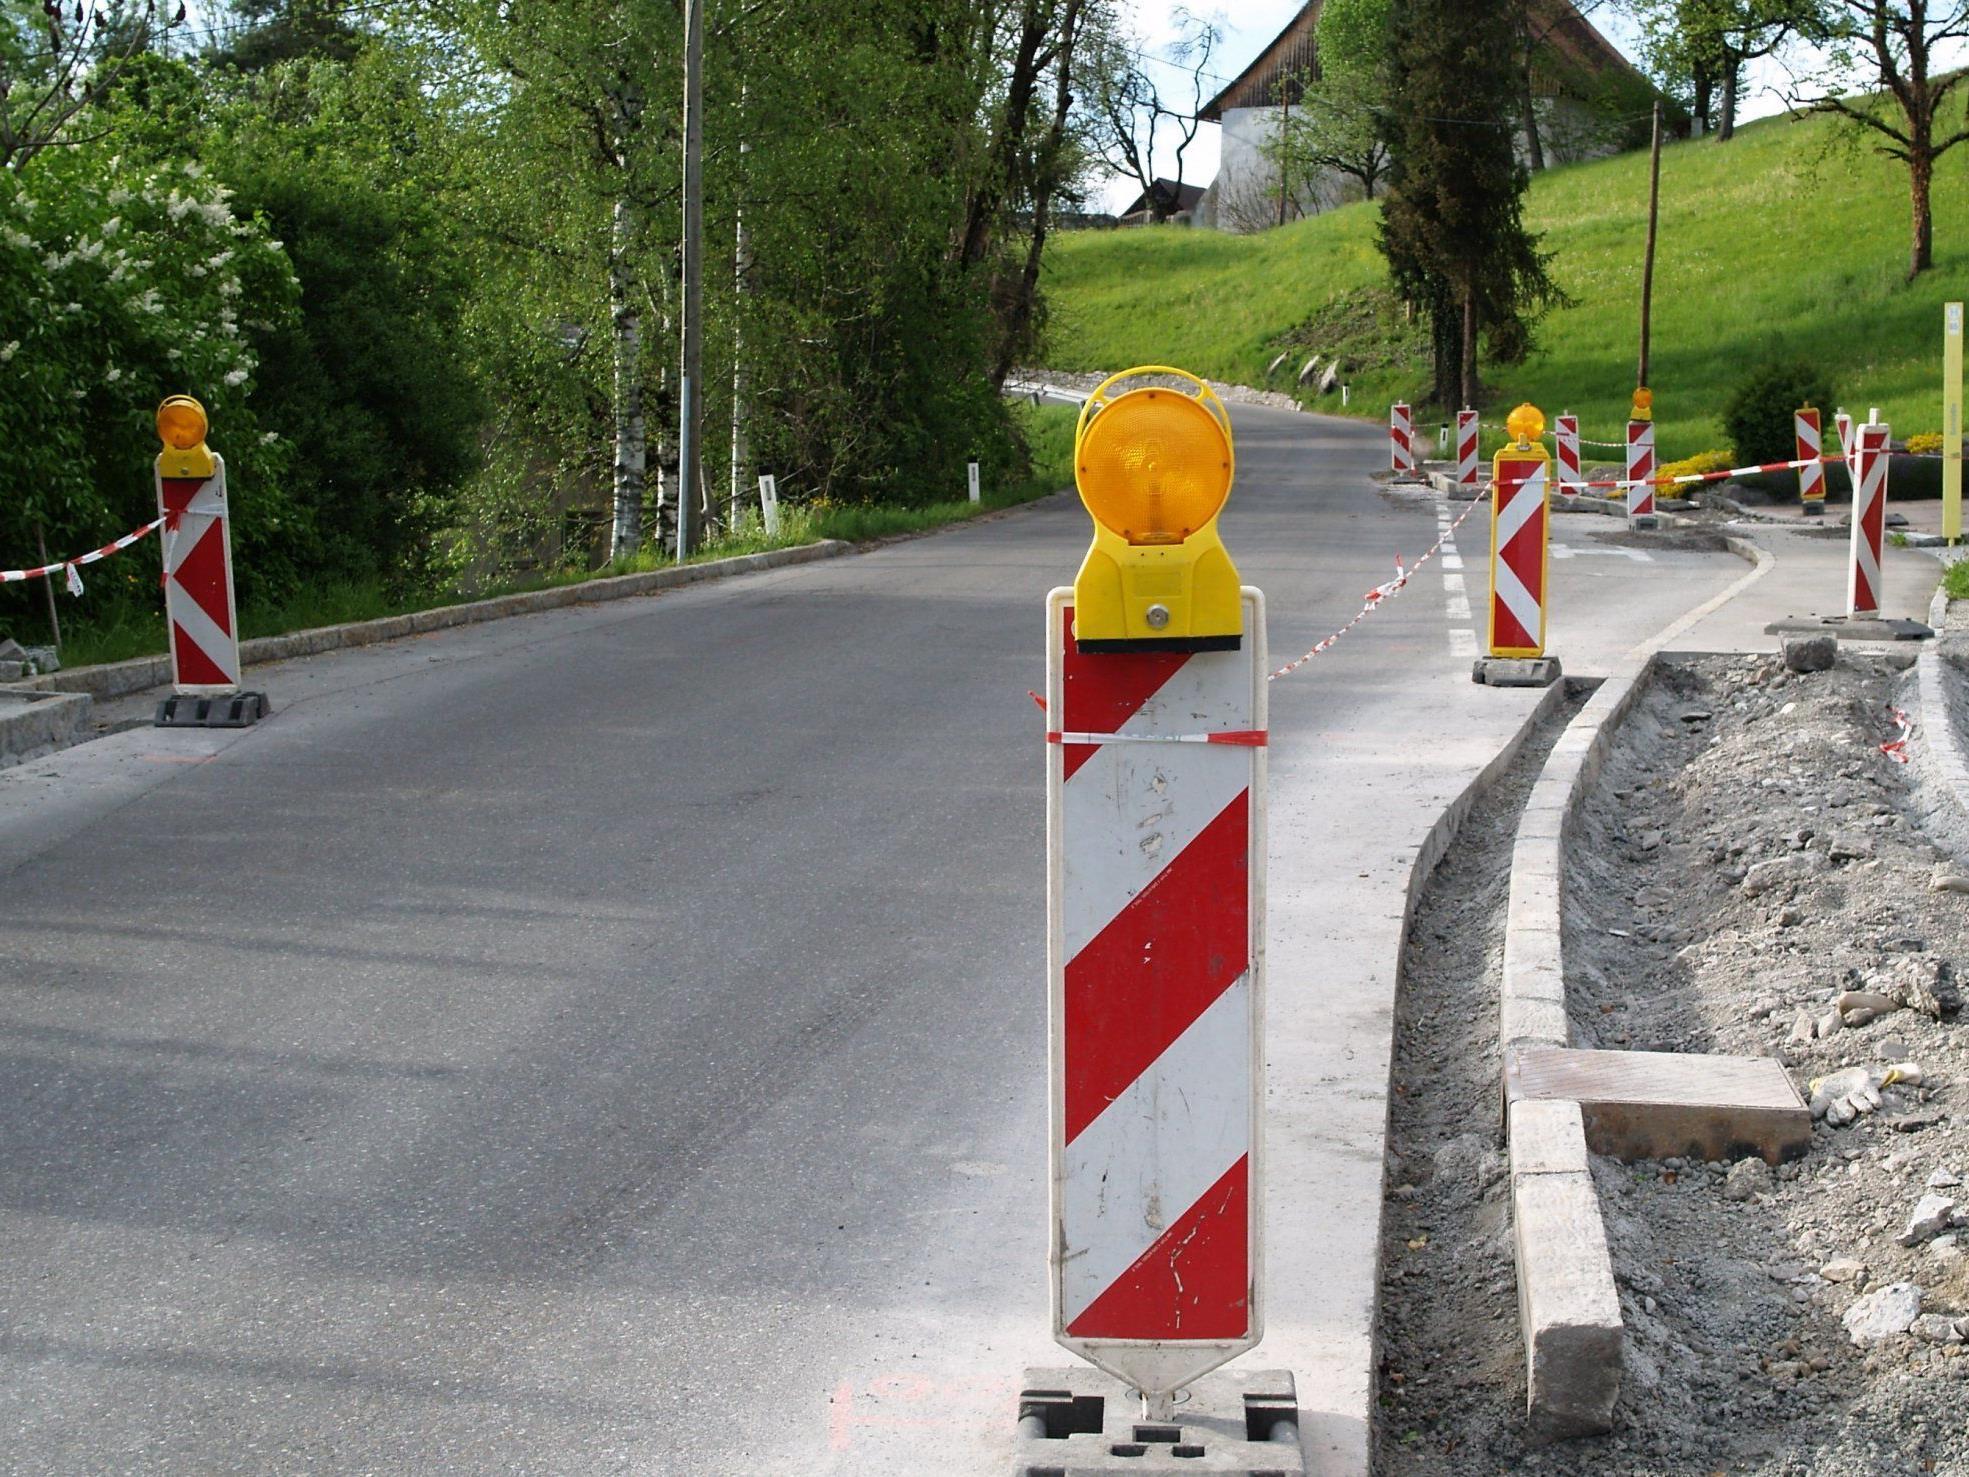 Im Zuge der Bauarbeiten kommt es zu Einschränkungen der Befahrbarkeit.